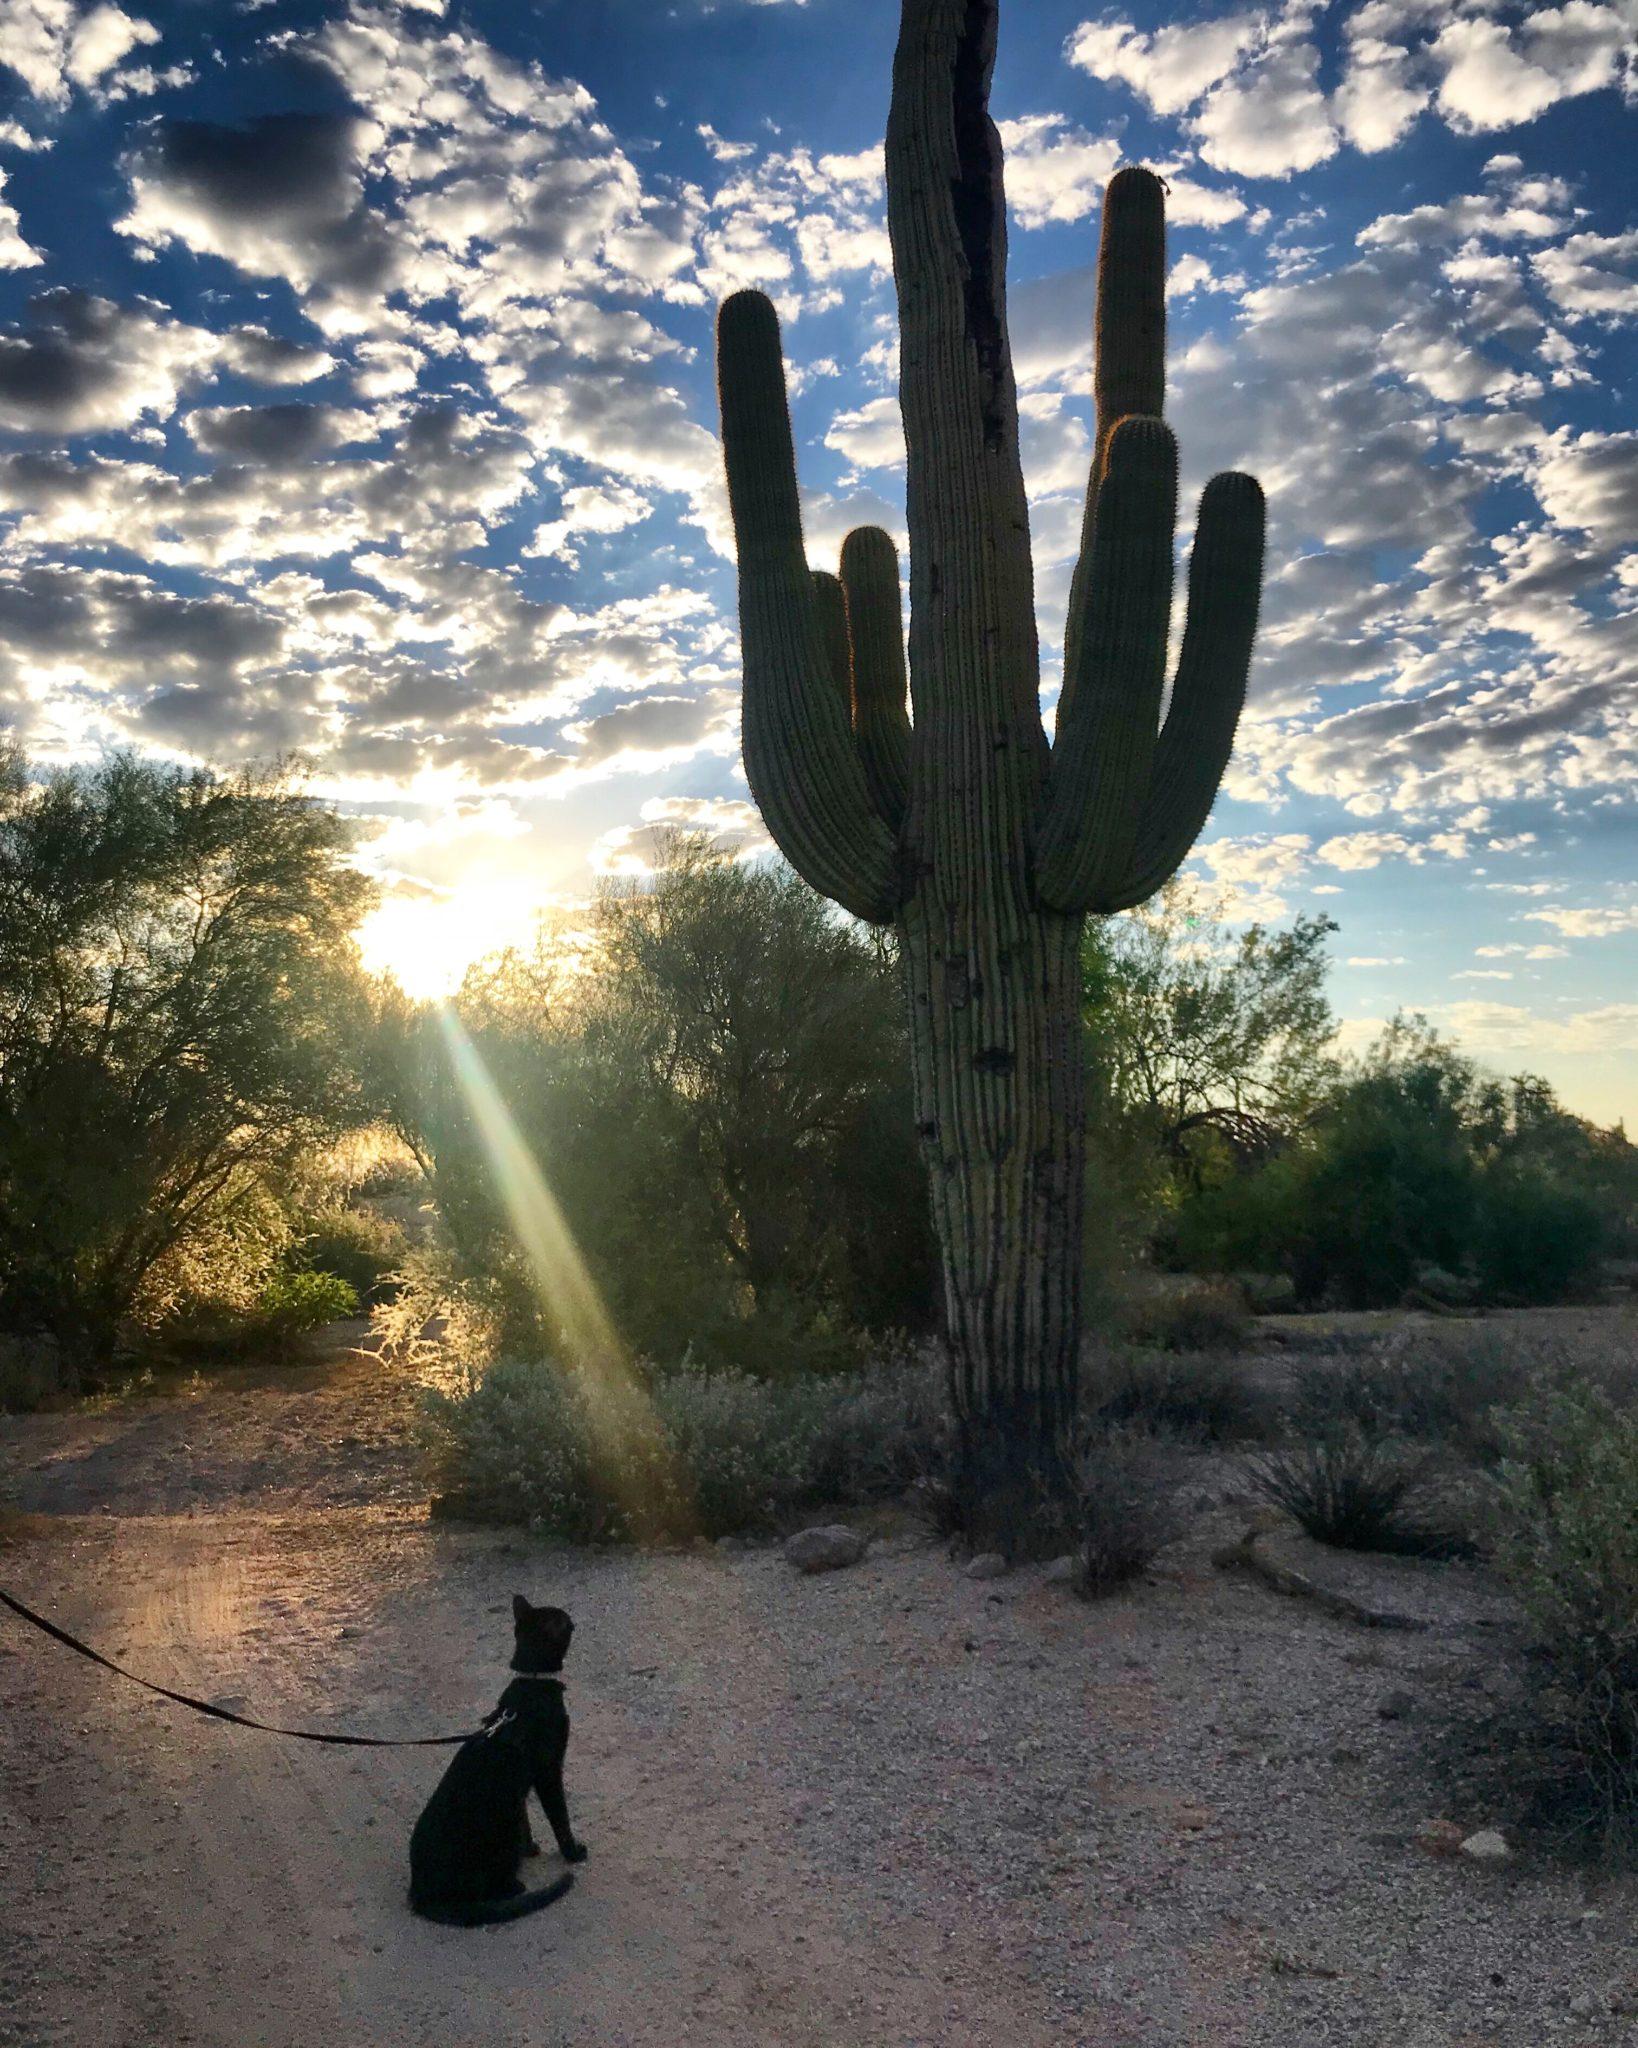 Cash the adventure cat checks out a saguaro cactus